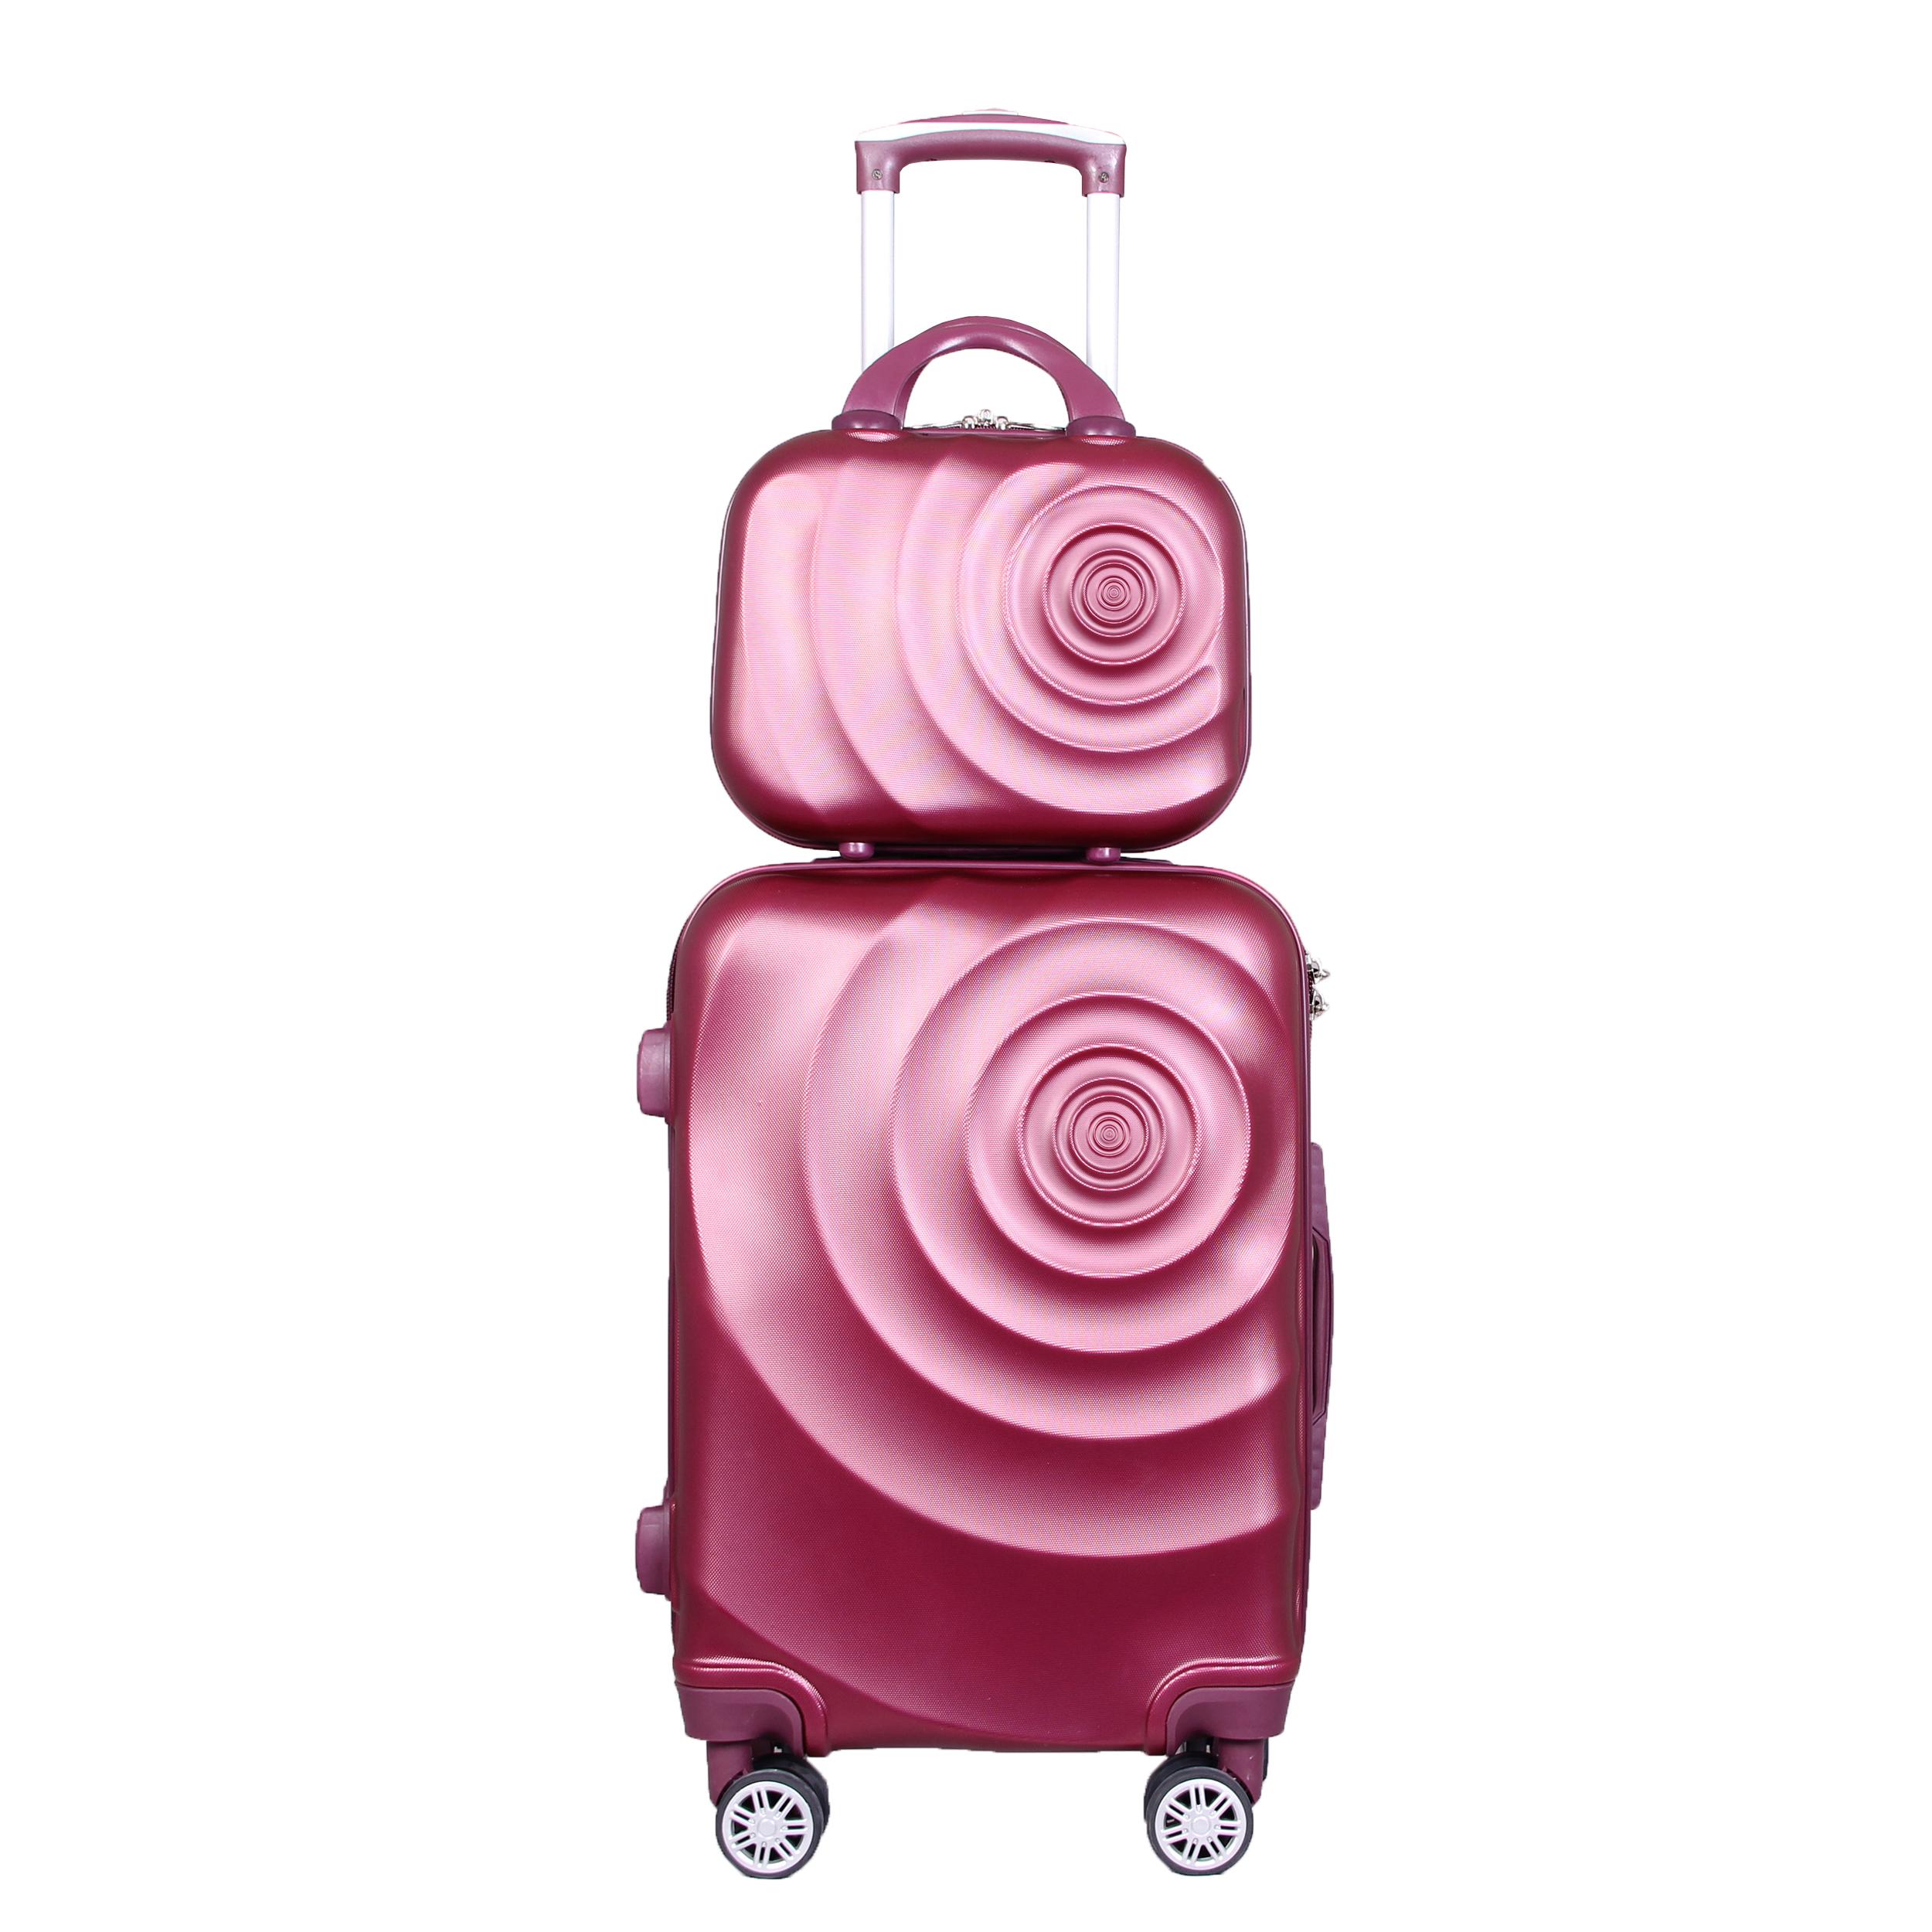 مجموعه چهار عددی چمدان مدل 319363 main 1 16